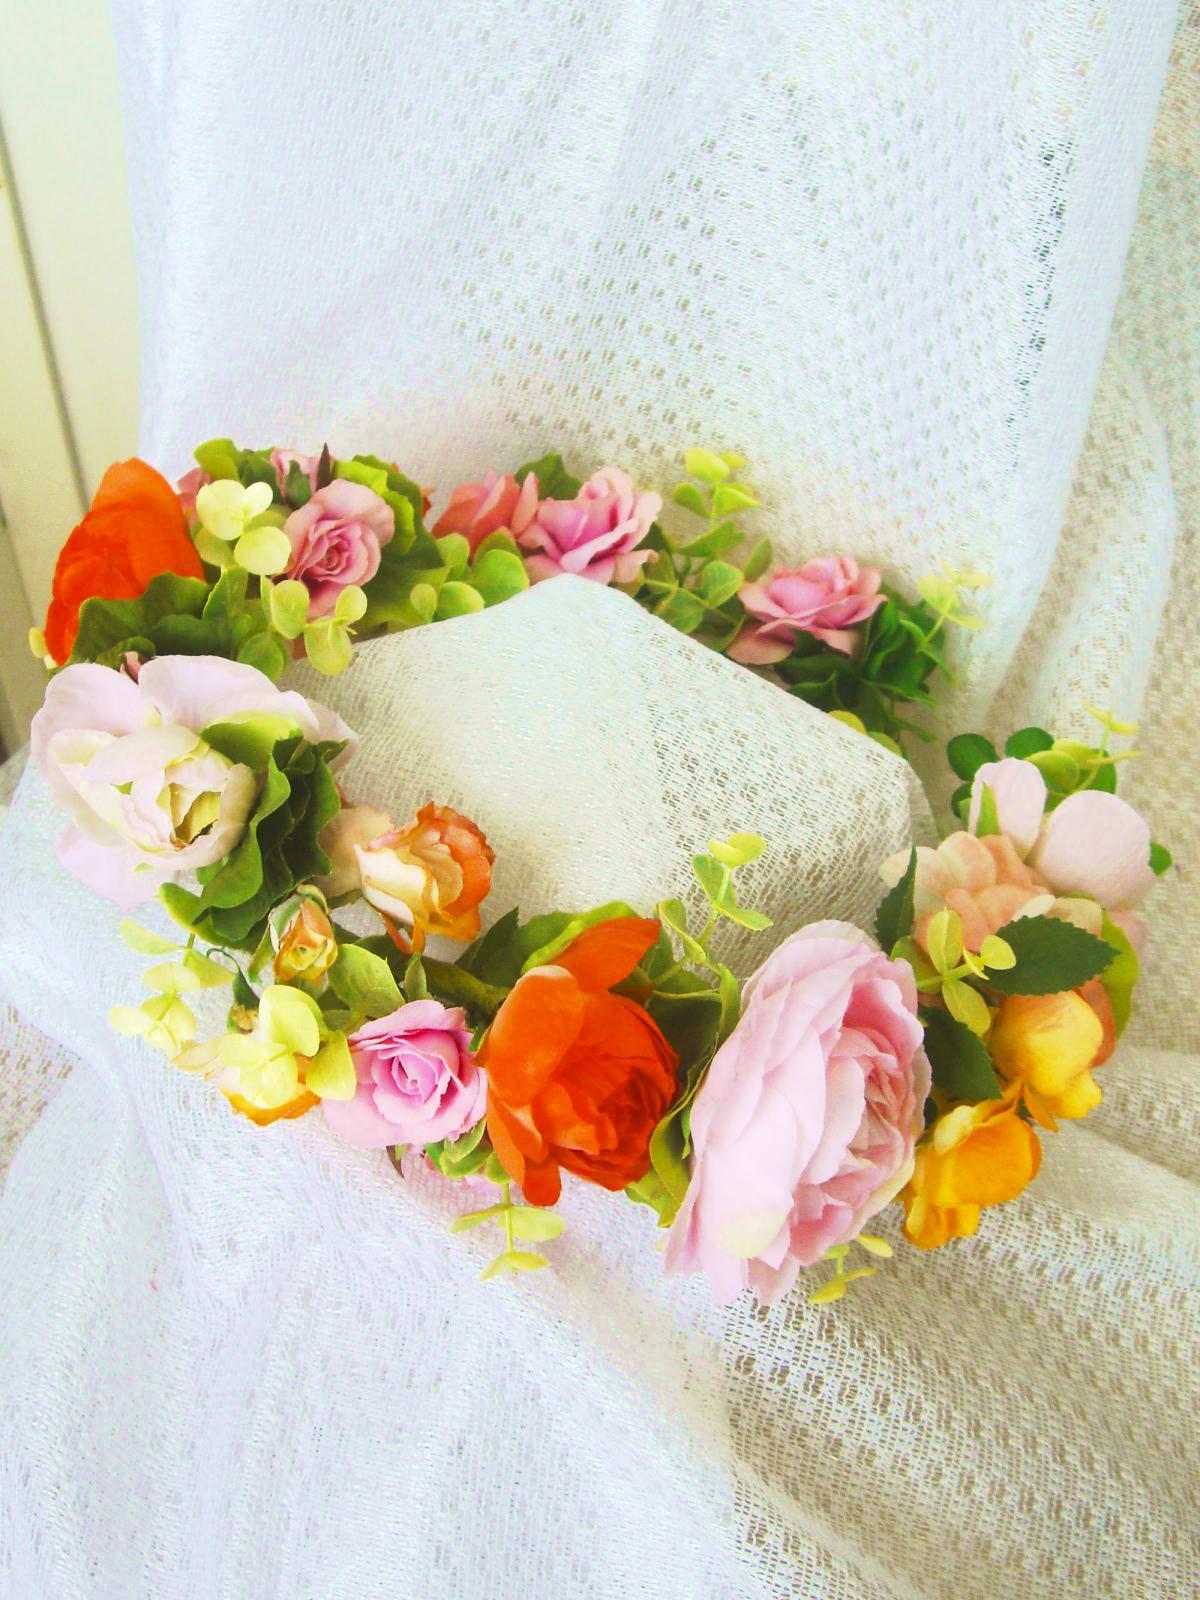 <div>花冠&ブーケは花嫁さんだけの特権!去年に引き続き大人気の花冠をカラフルに仕上げました。配色バランスはドレスやブーケに合わせるのばベスト★ダウンスタイルに花冠を乗せた花嫁さんは妖精のような美しさ&かわいらしさ★</div><div>二次会のワンピに合わせてそのまま花冠をつけて登場って手もあり。</div><div>花冠のお値段は大きさや太さによって5000円~作れます★大きすぎても細すぎてもイマイチだからそこはじっくり打合せして作成しますのでご安心下さい♪</div>